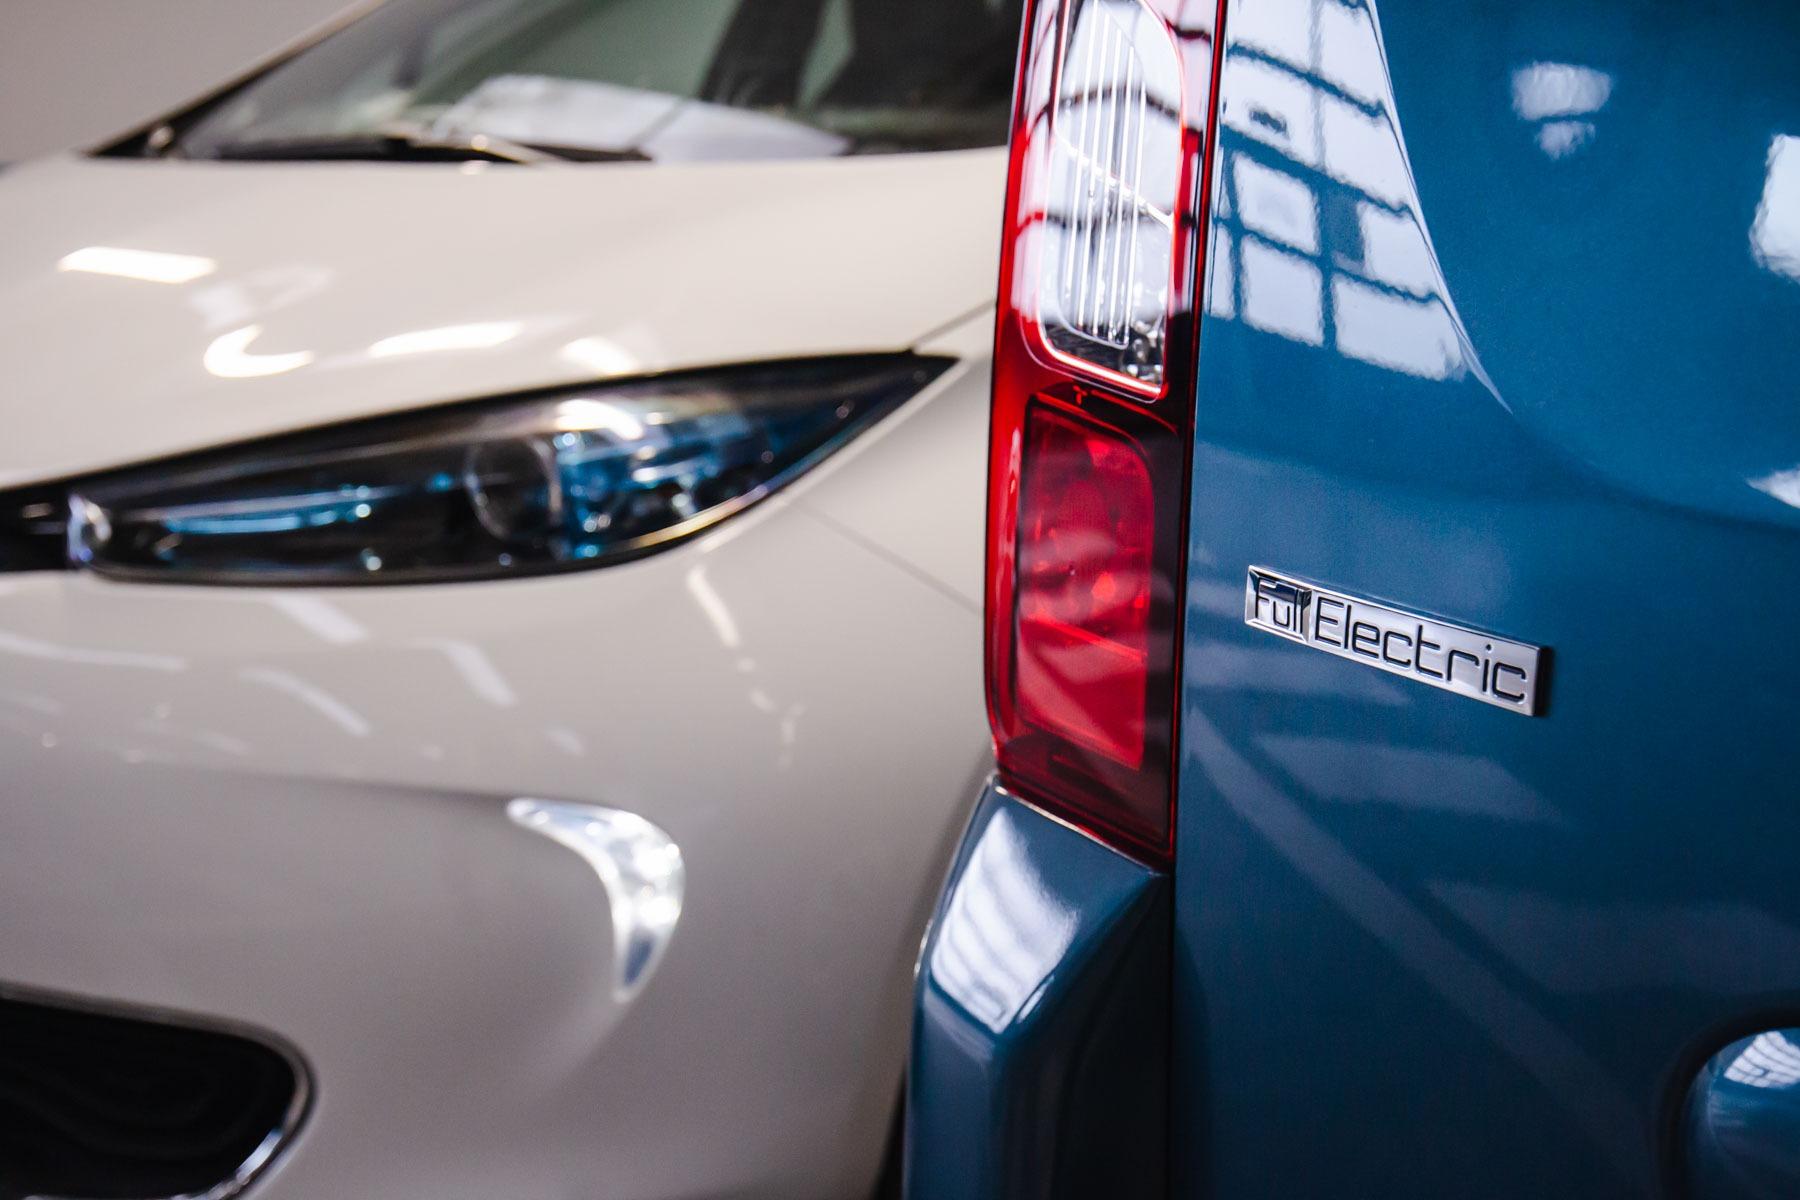 ¿Cómo funciona el airbag de un coche?